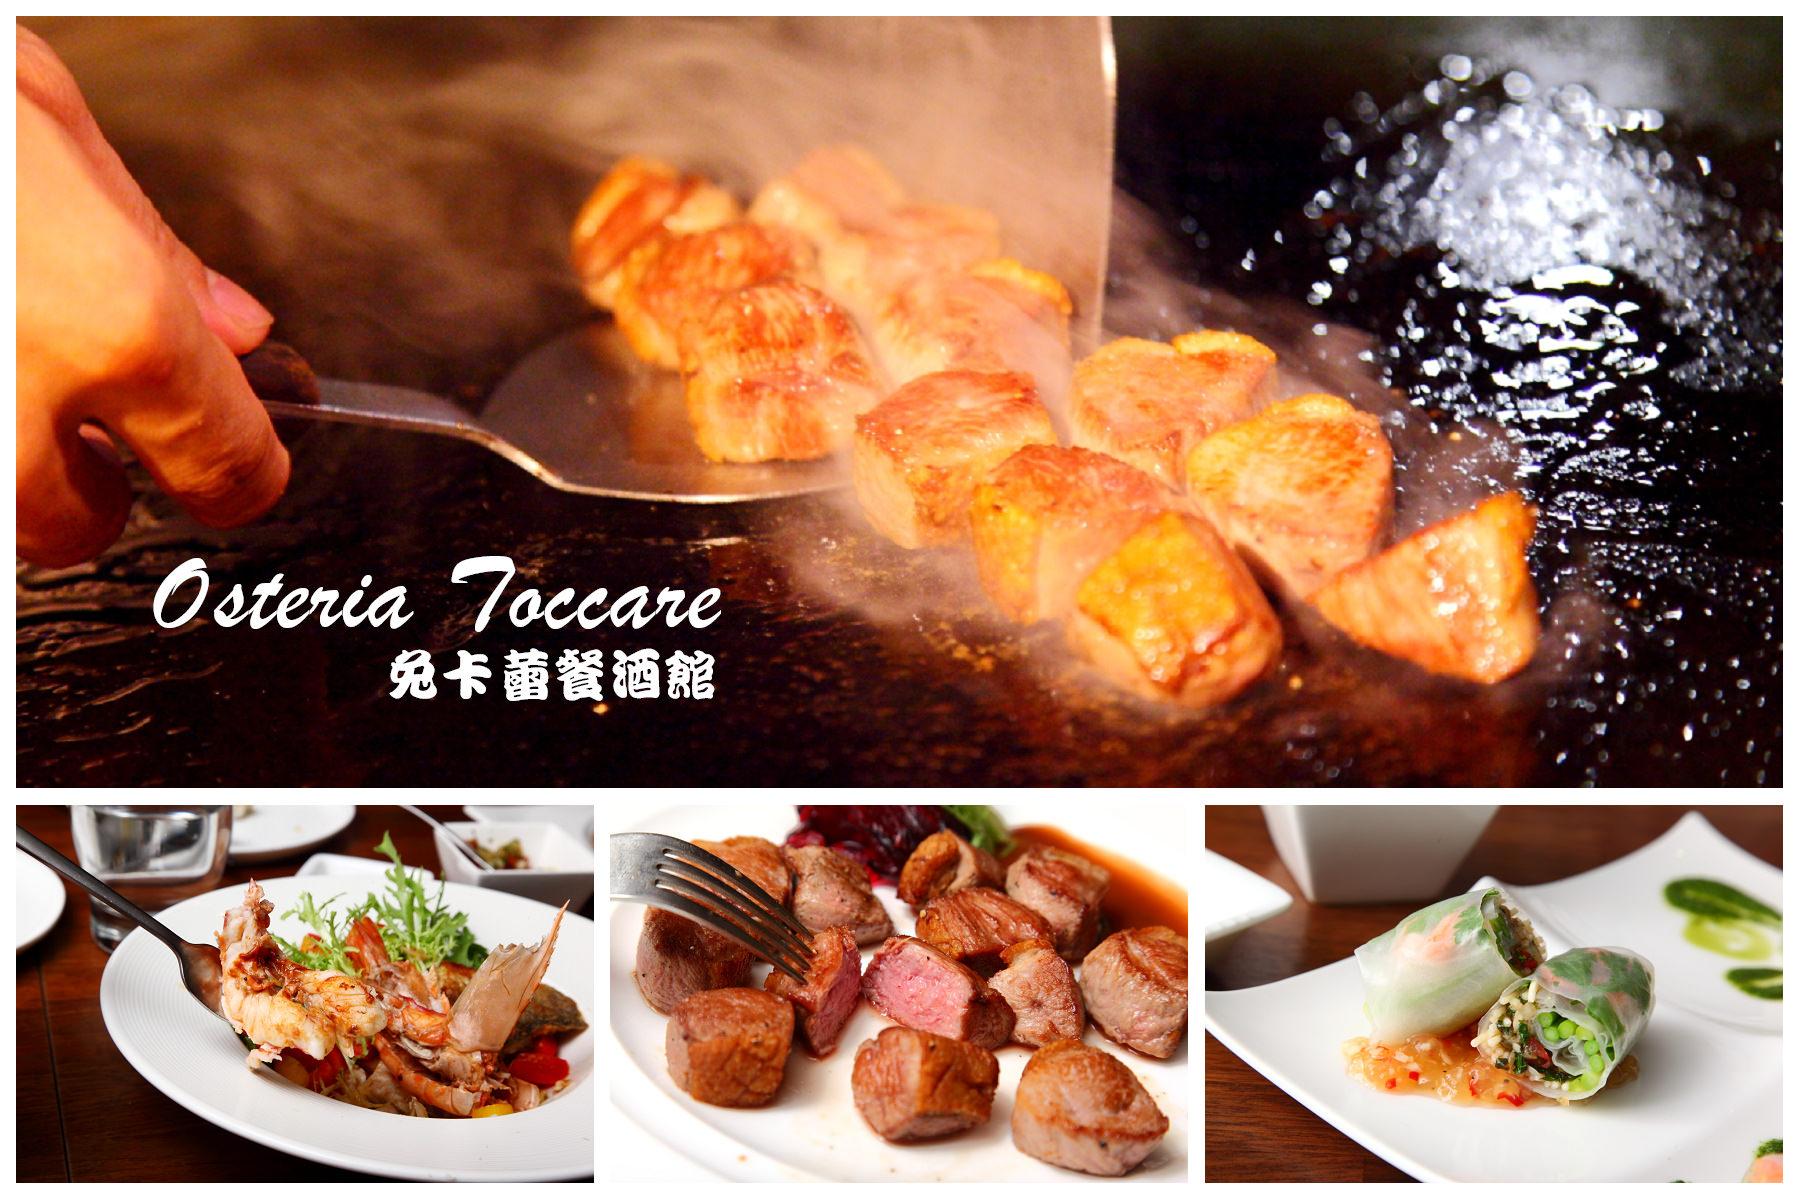 [台北中山]錯過這次再等明年!超高CP值法式七夕情人餐!Osteria Toccare 兔卡蕾餐酒館